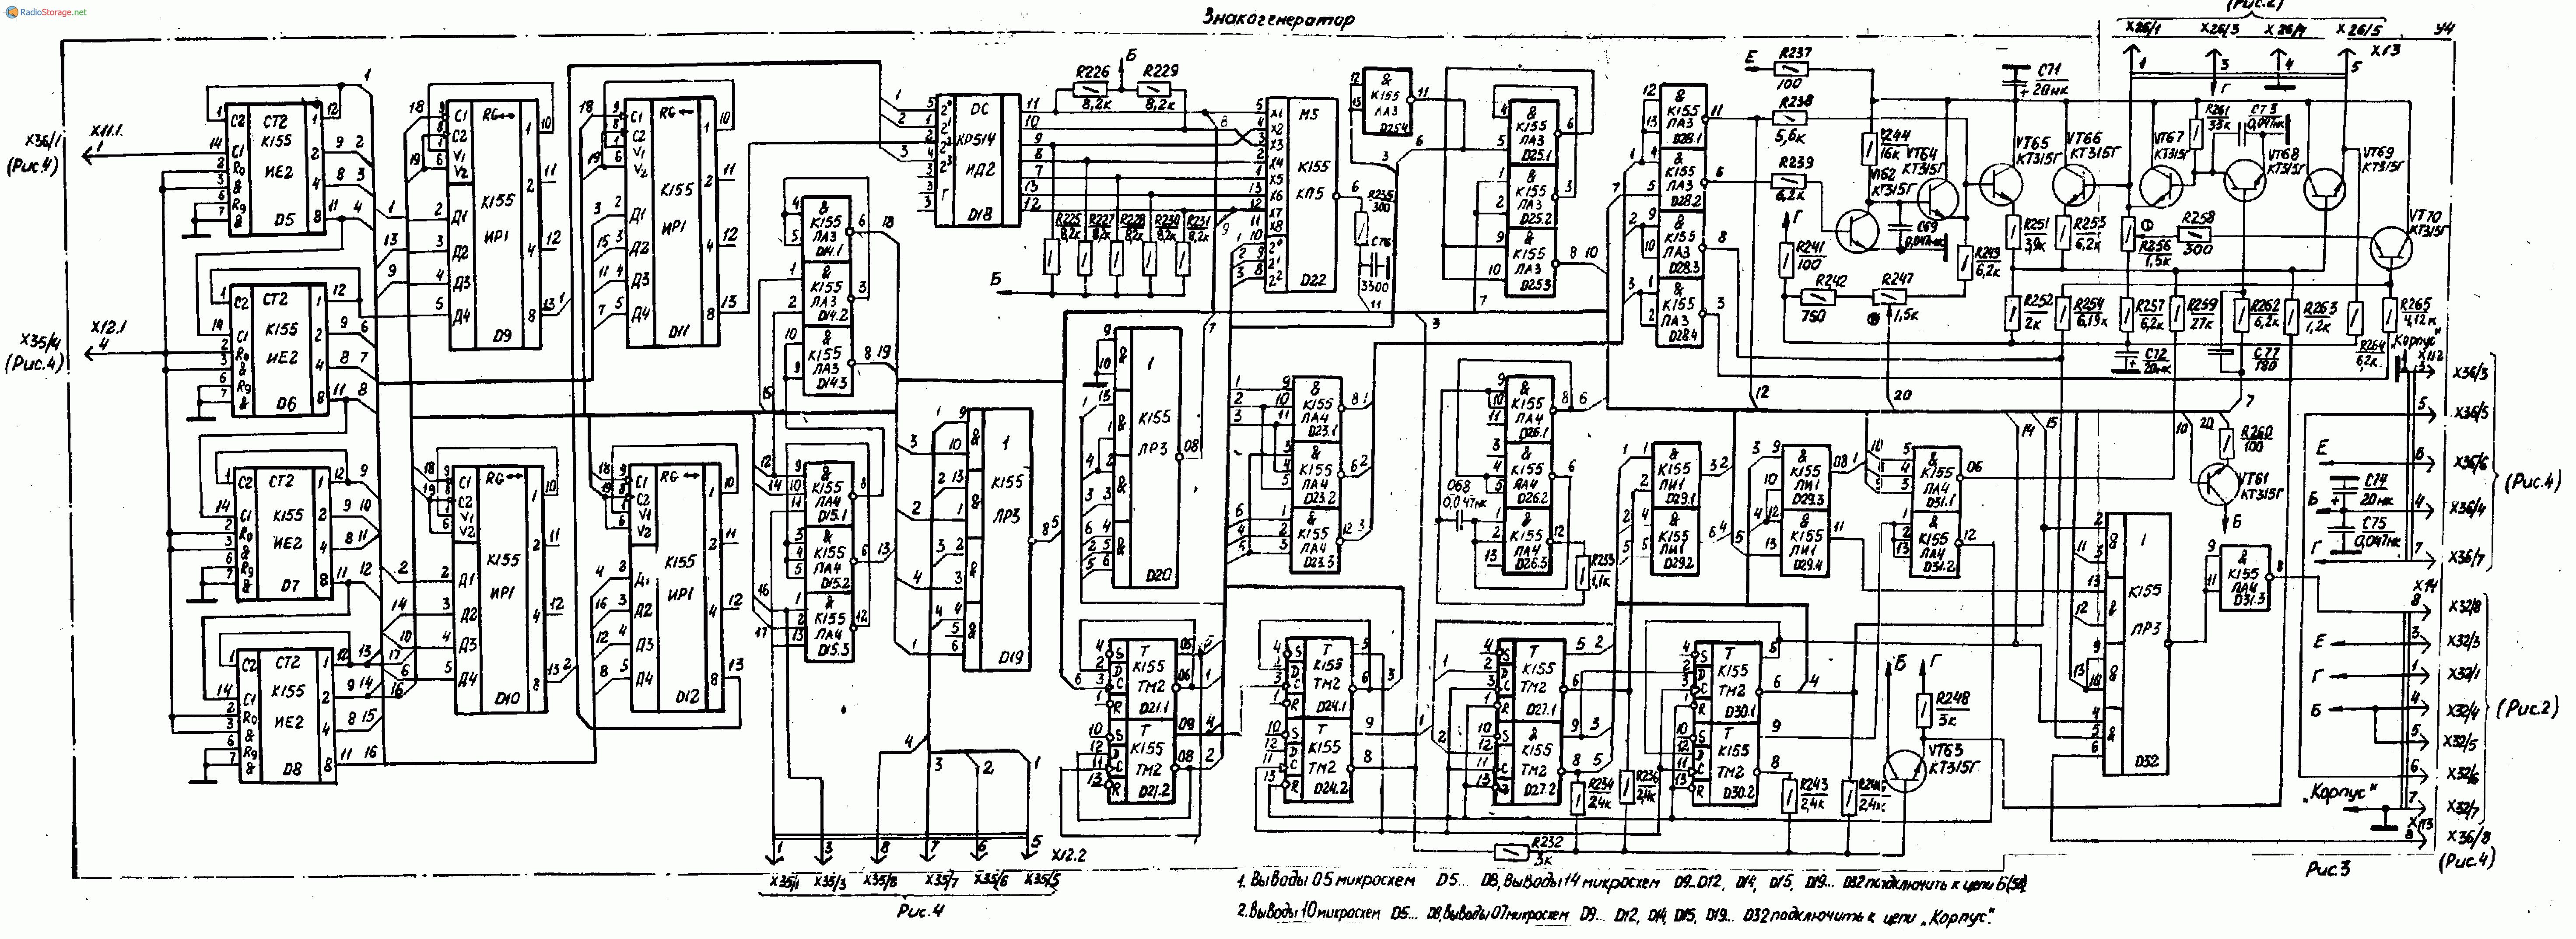 Осциллограф С1-112, схема